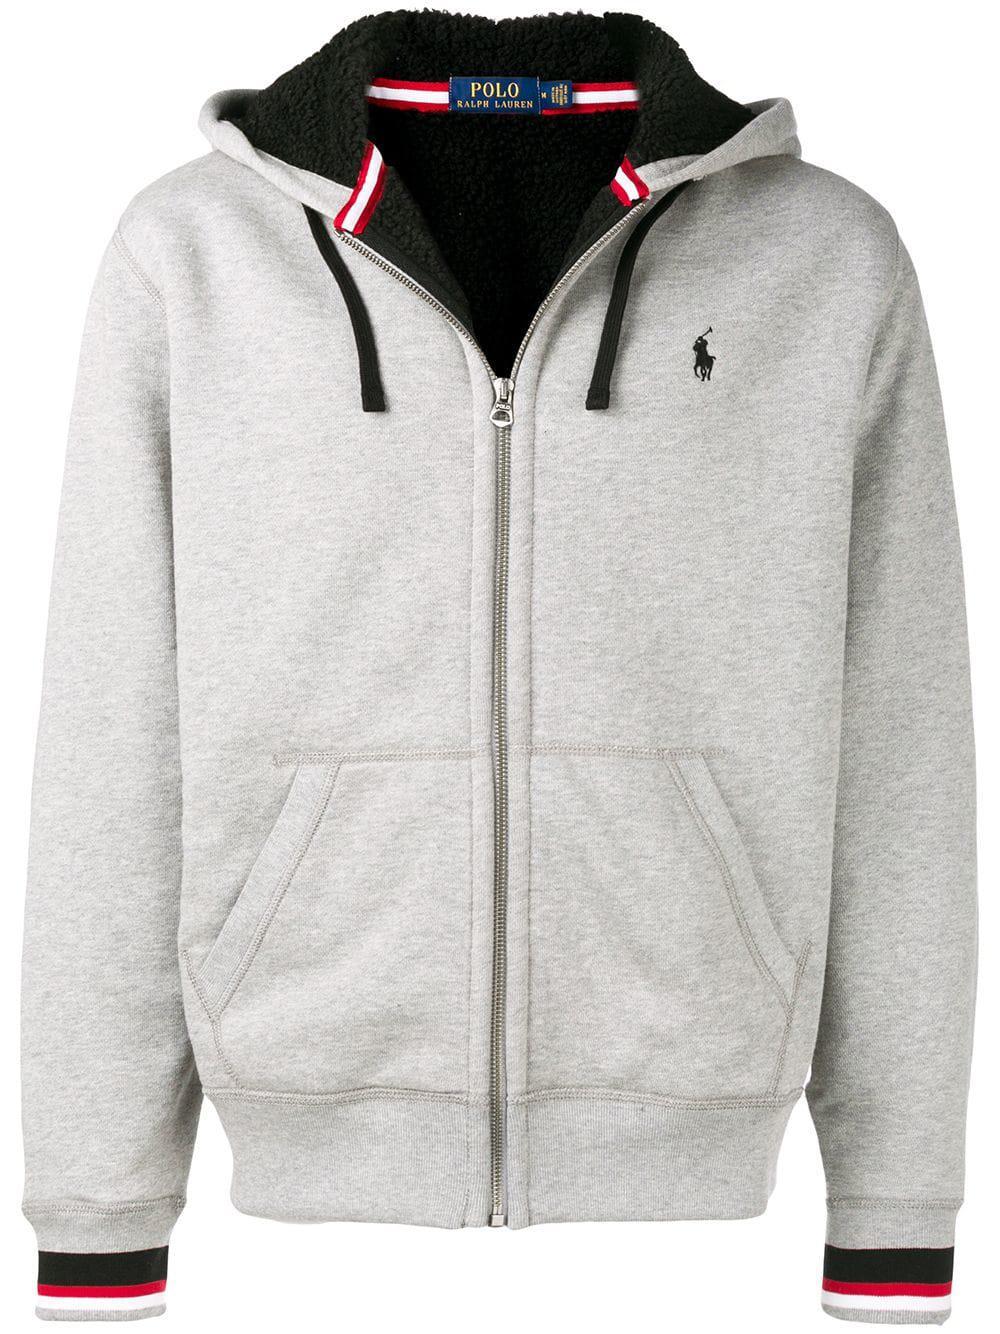 e90971cd8 Polo Ralph Lauren Zip Hoodie - Grey